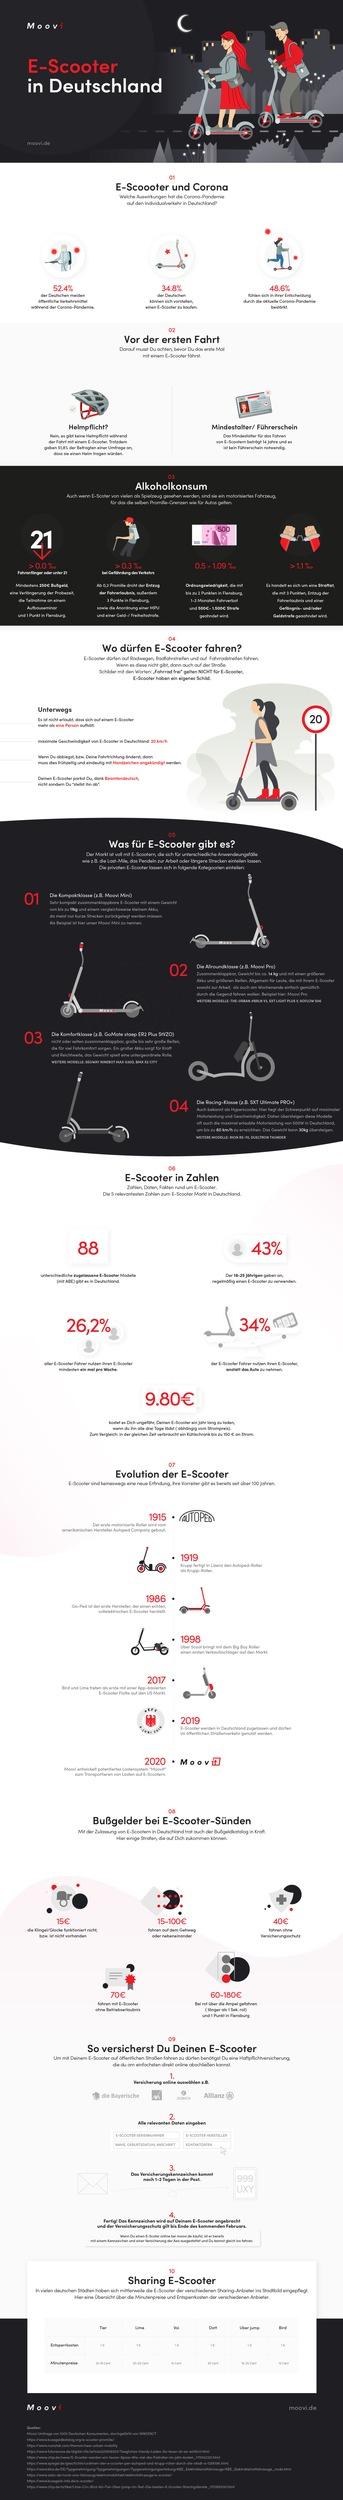 Corona-Pandemie steigert Interesse an E-Scootern: Fast 35 Prozent der Deutschen überlegen einen Kauf (Infographic)